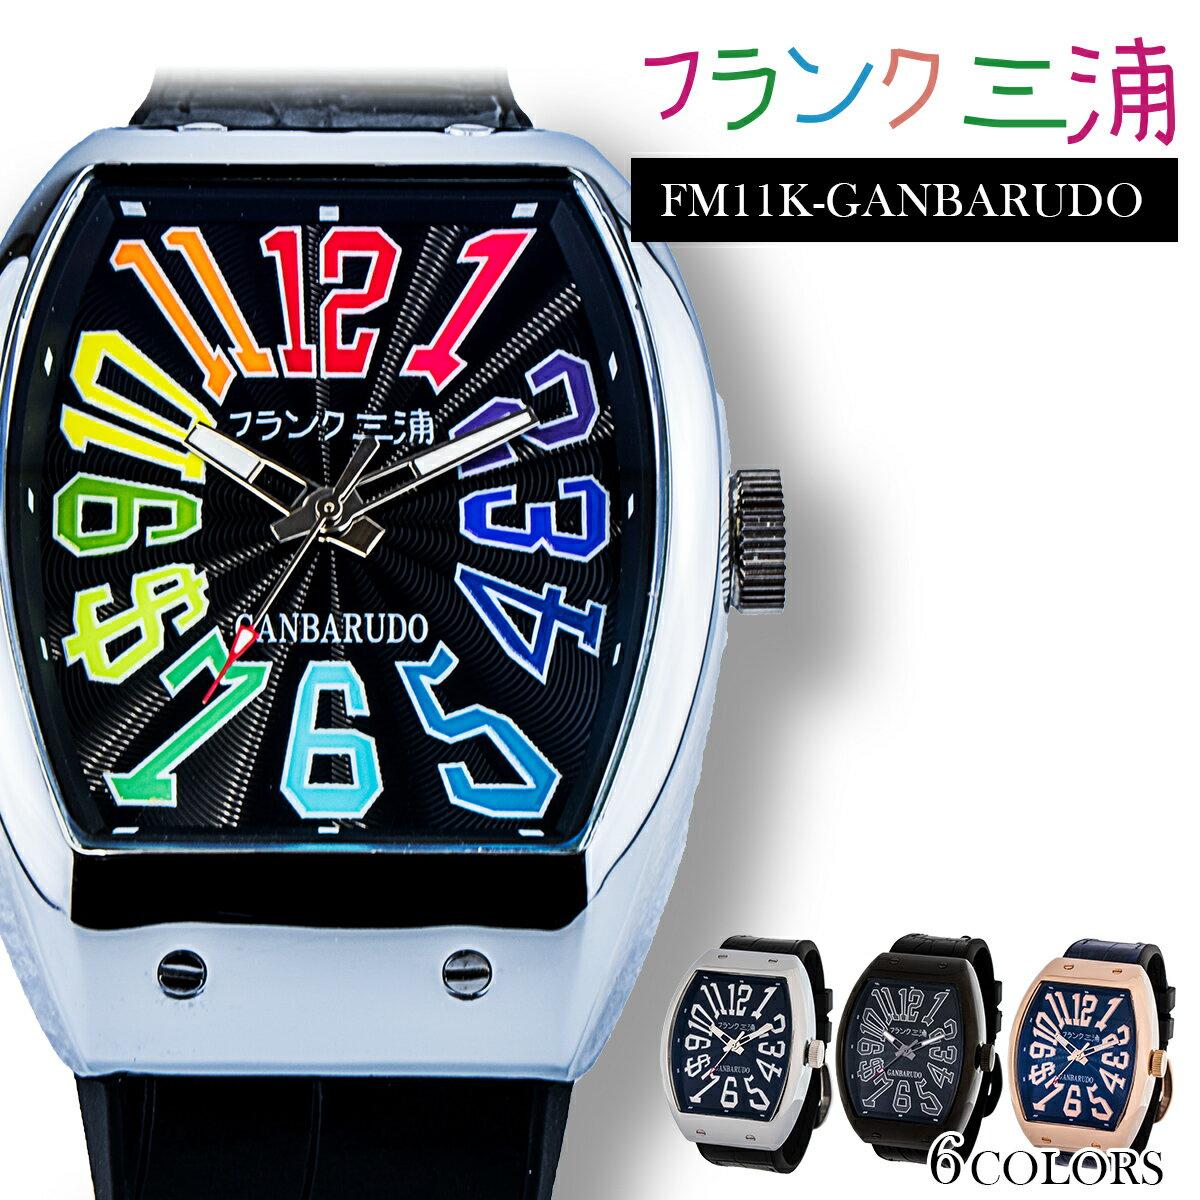 フランク三浦 十一号機 頑張るどモデル 自社ムーヴメント 時計 腕時計